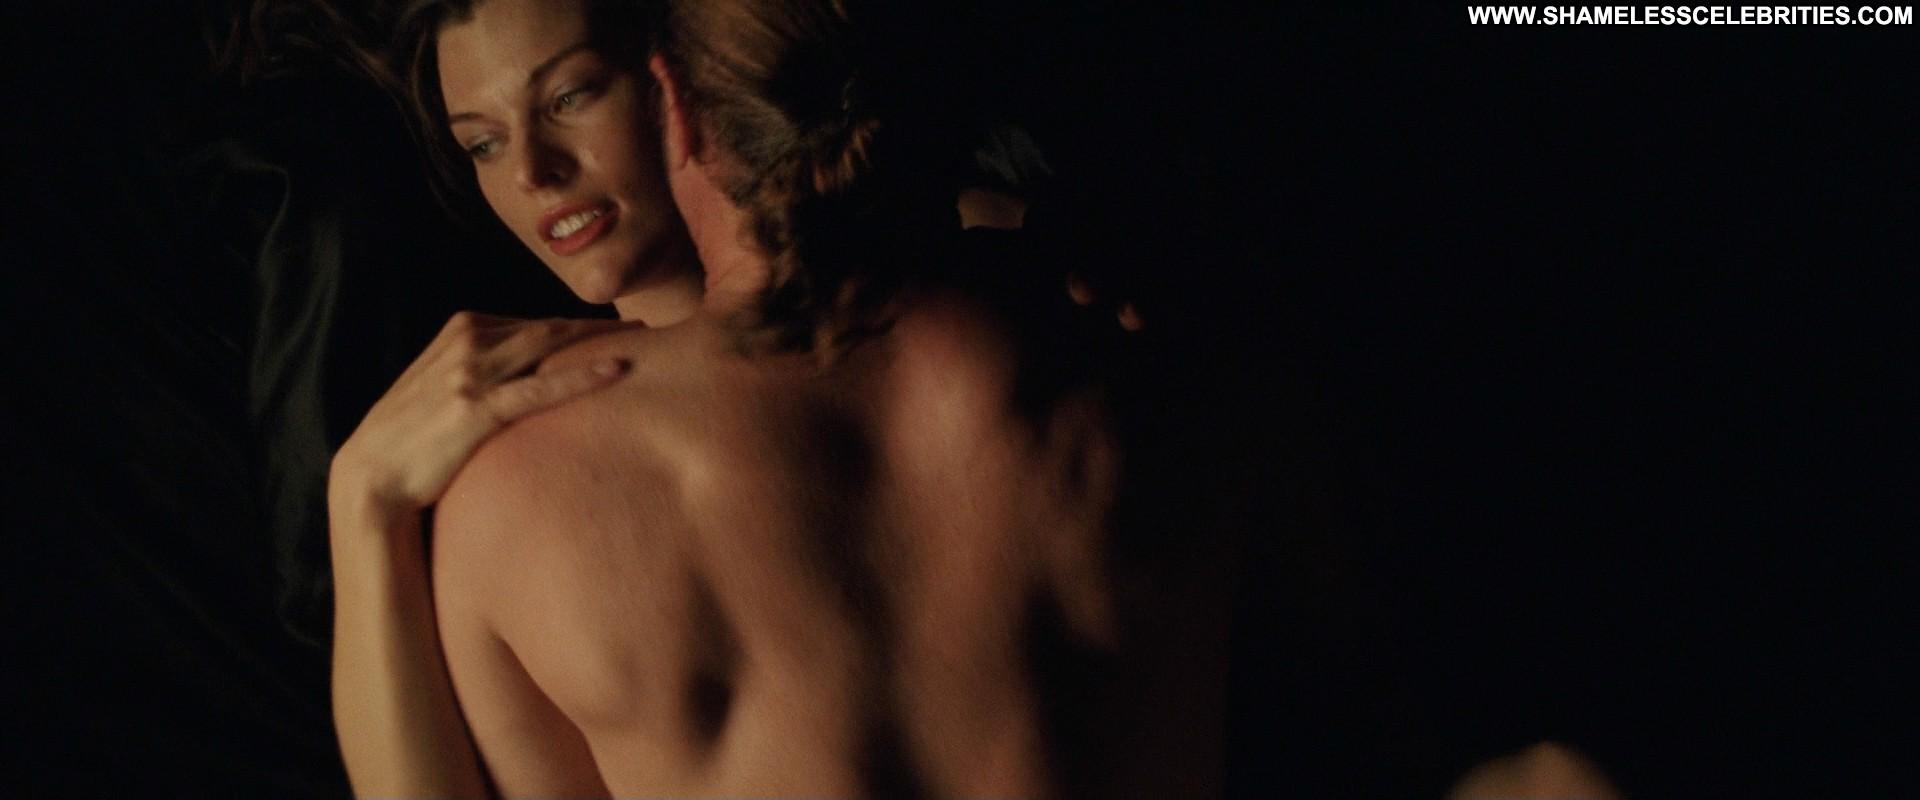 Mila jovovich nude sex scenes join